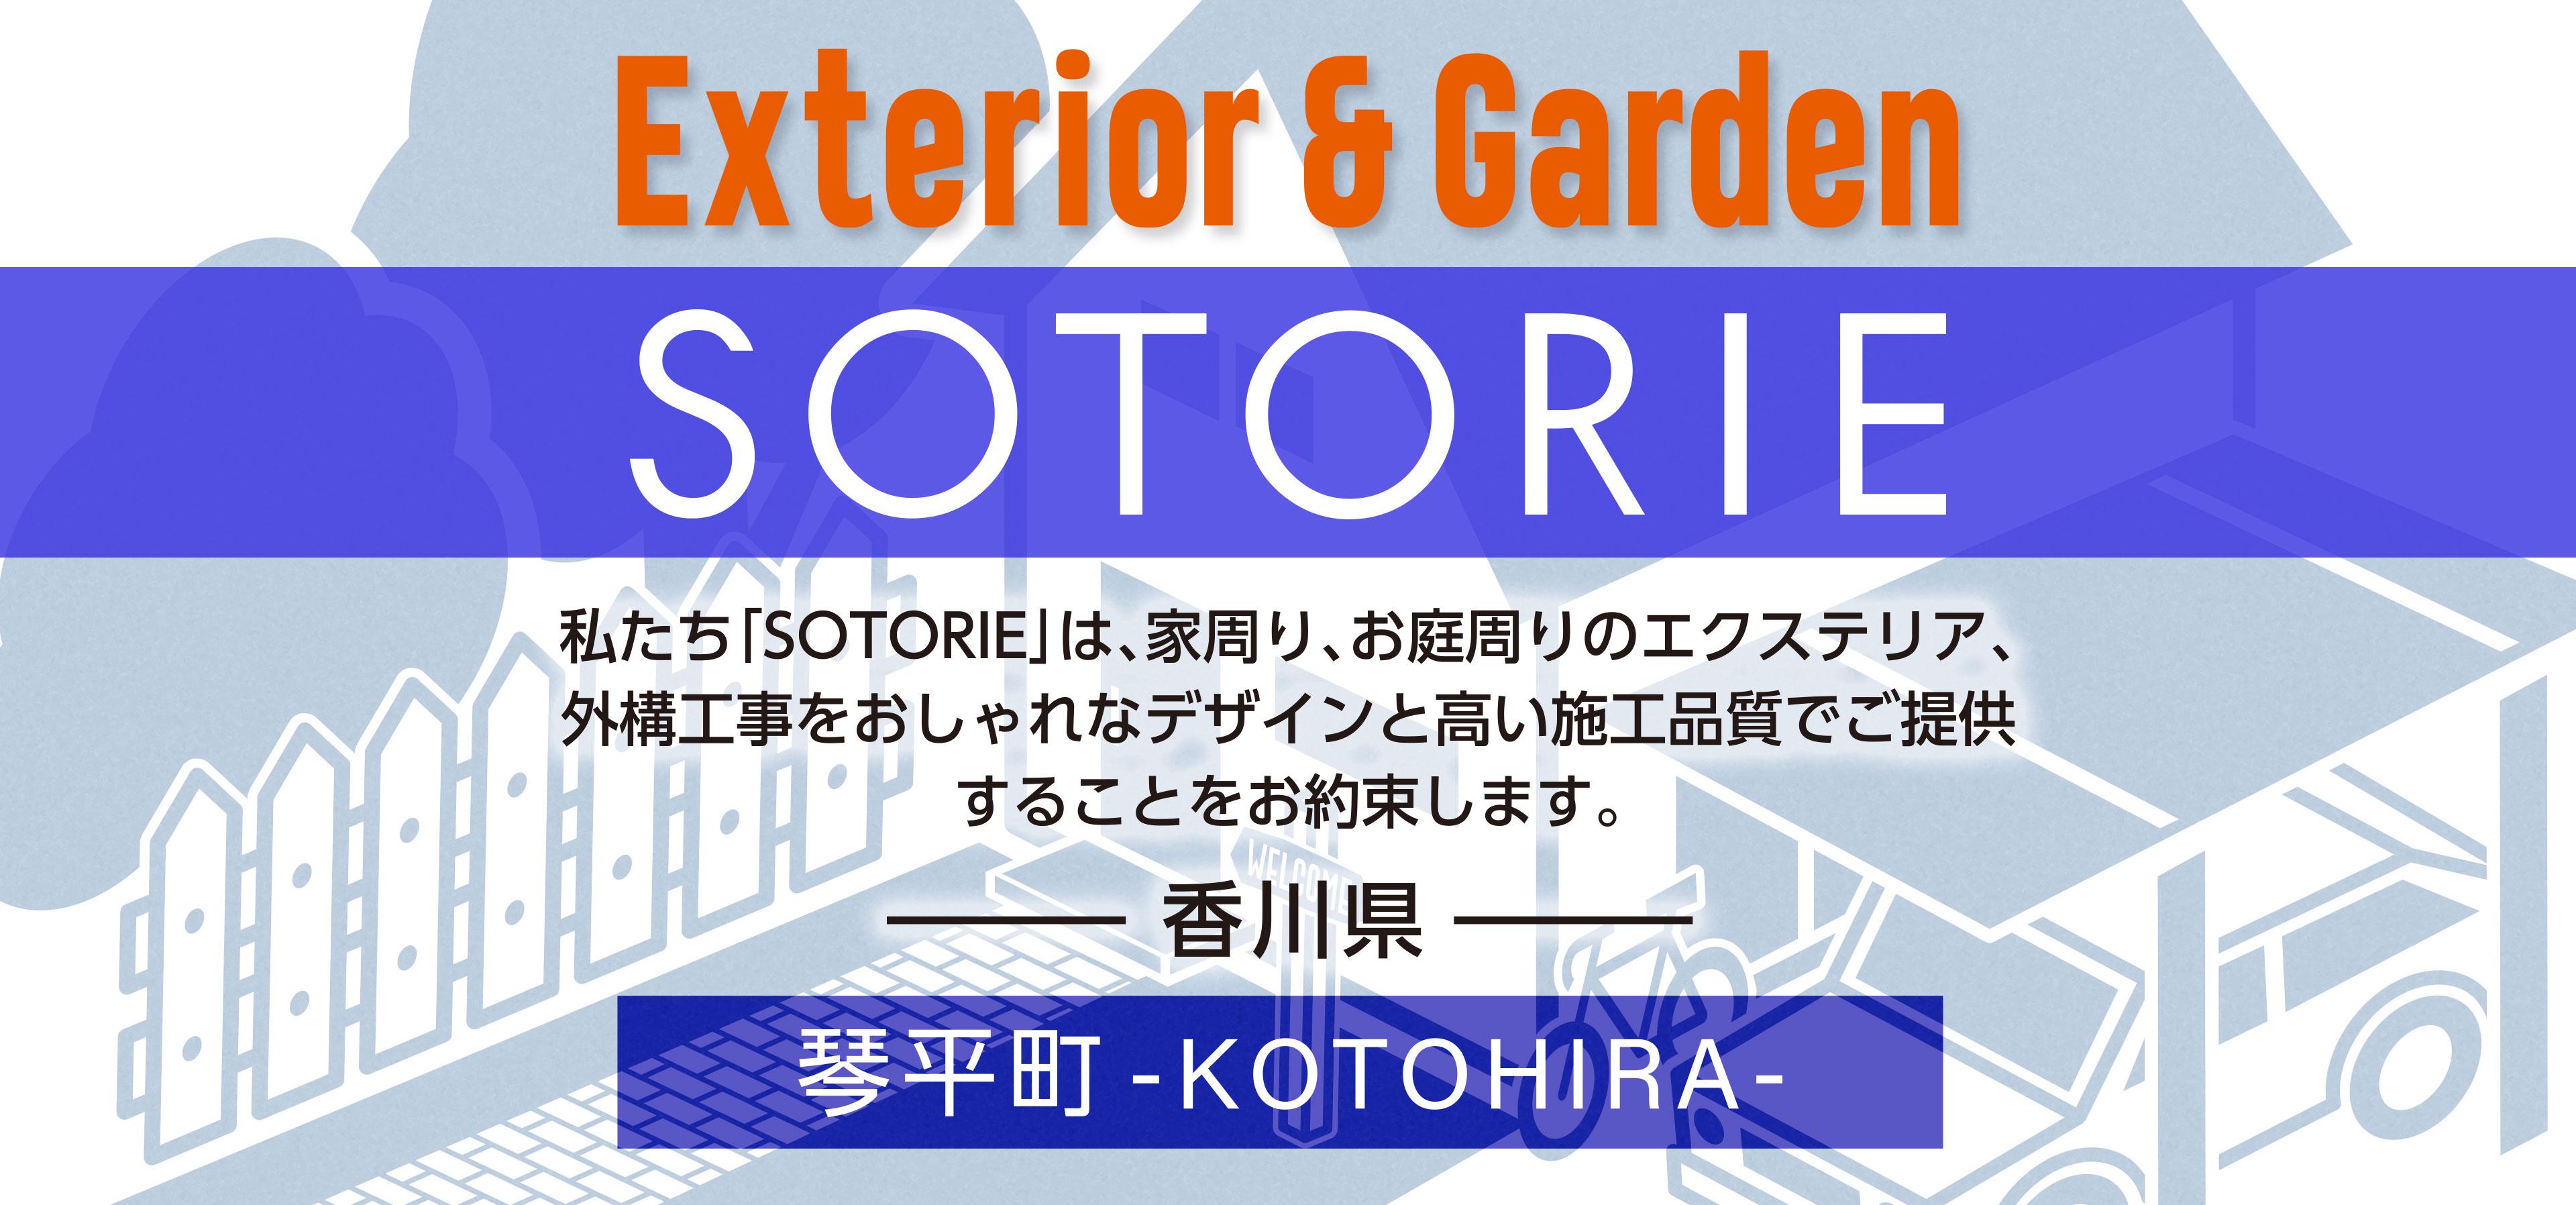 ソトリエ琴平町では、家周りと庭周りの外構、エクステリア工事をおしゃれなデザインと高い施工品質でご提供することをお約束します。